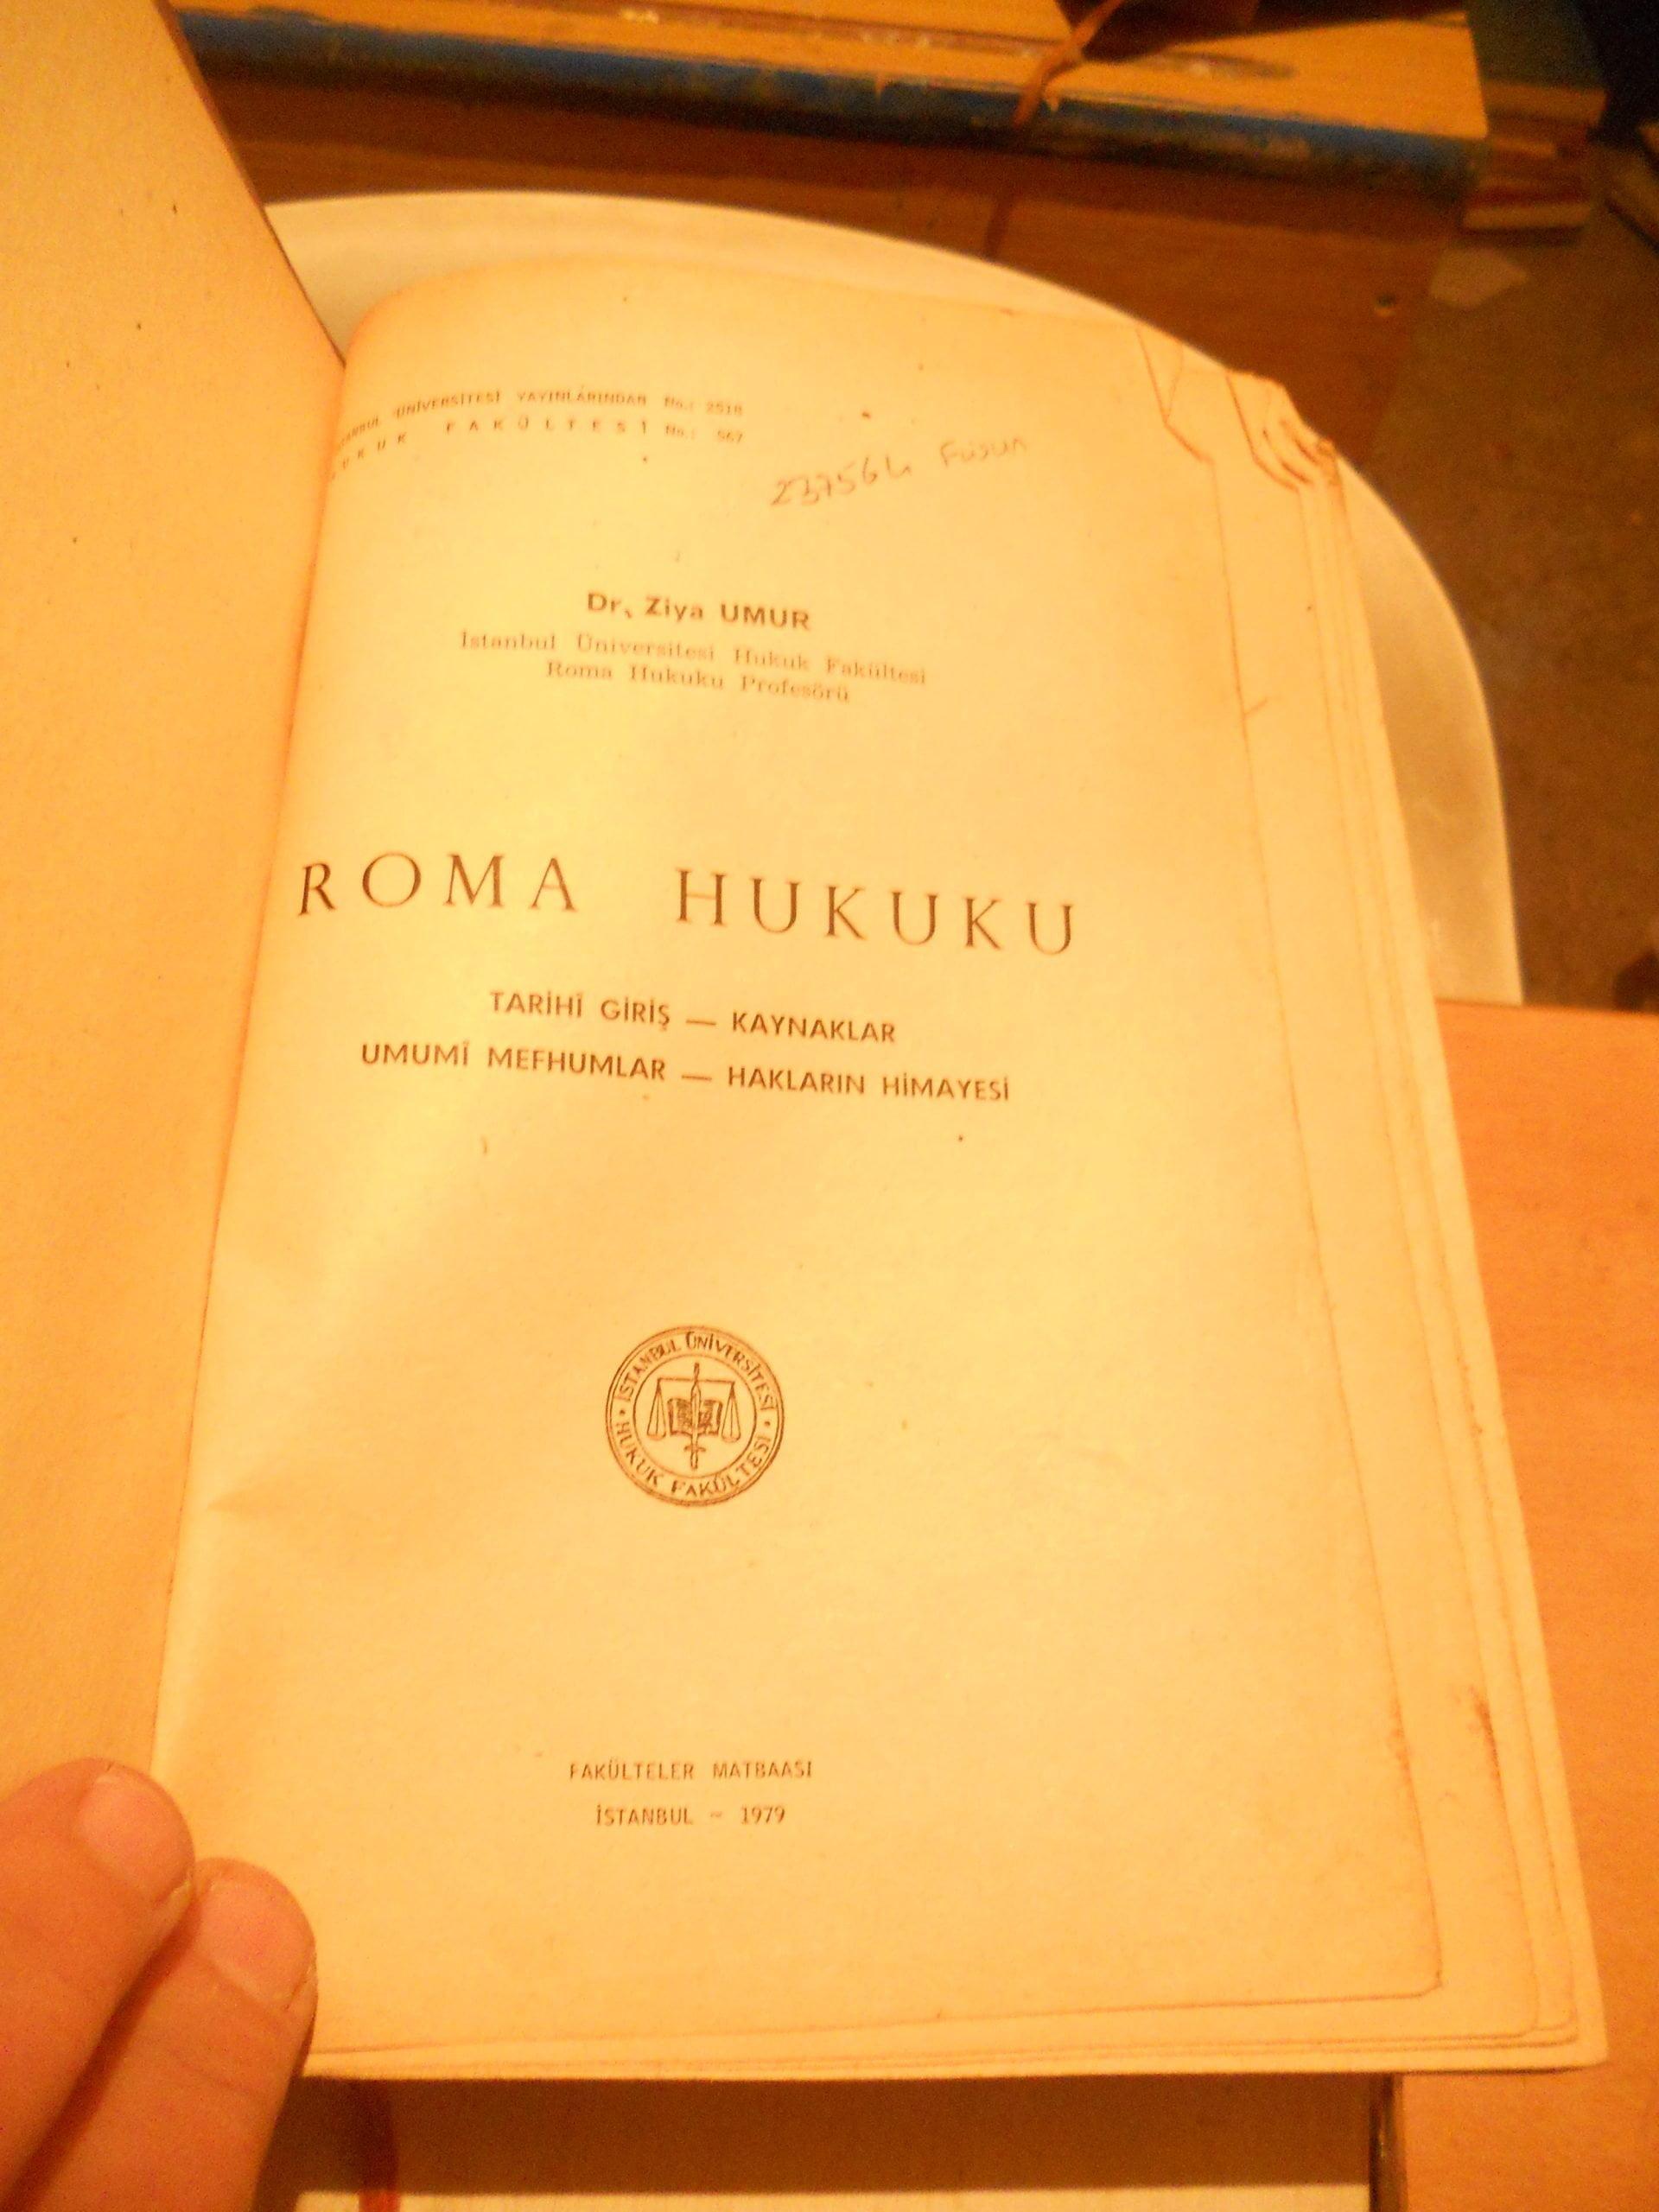 ROMA HUKUKU/ Dr.Ziya UMUR/25 tl